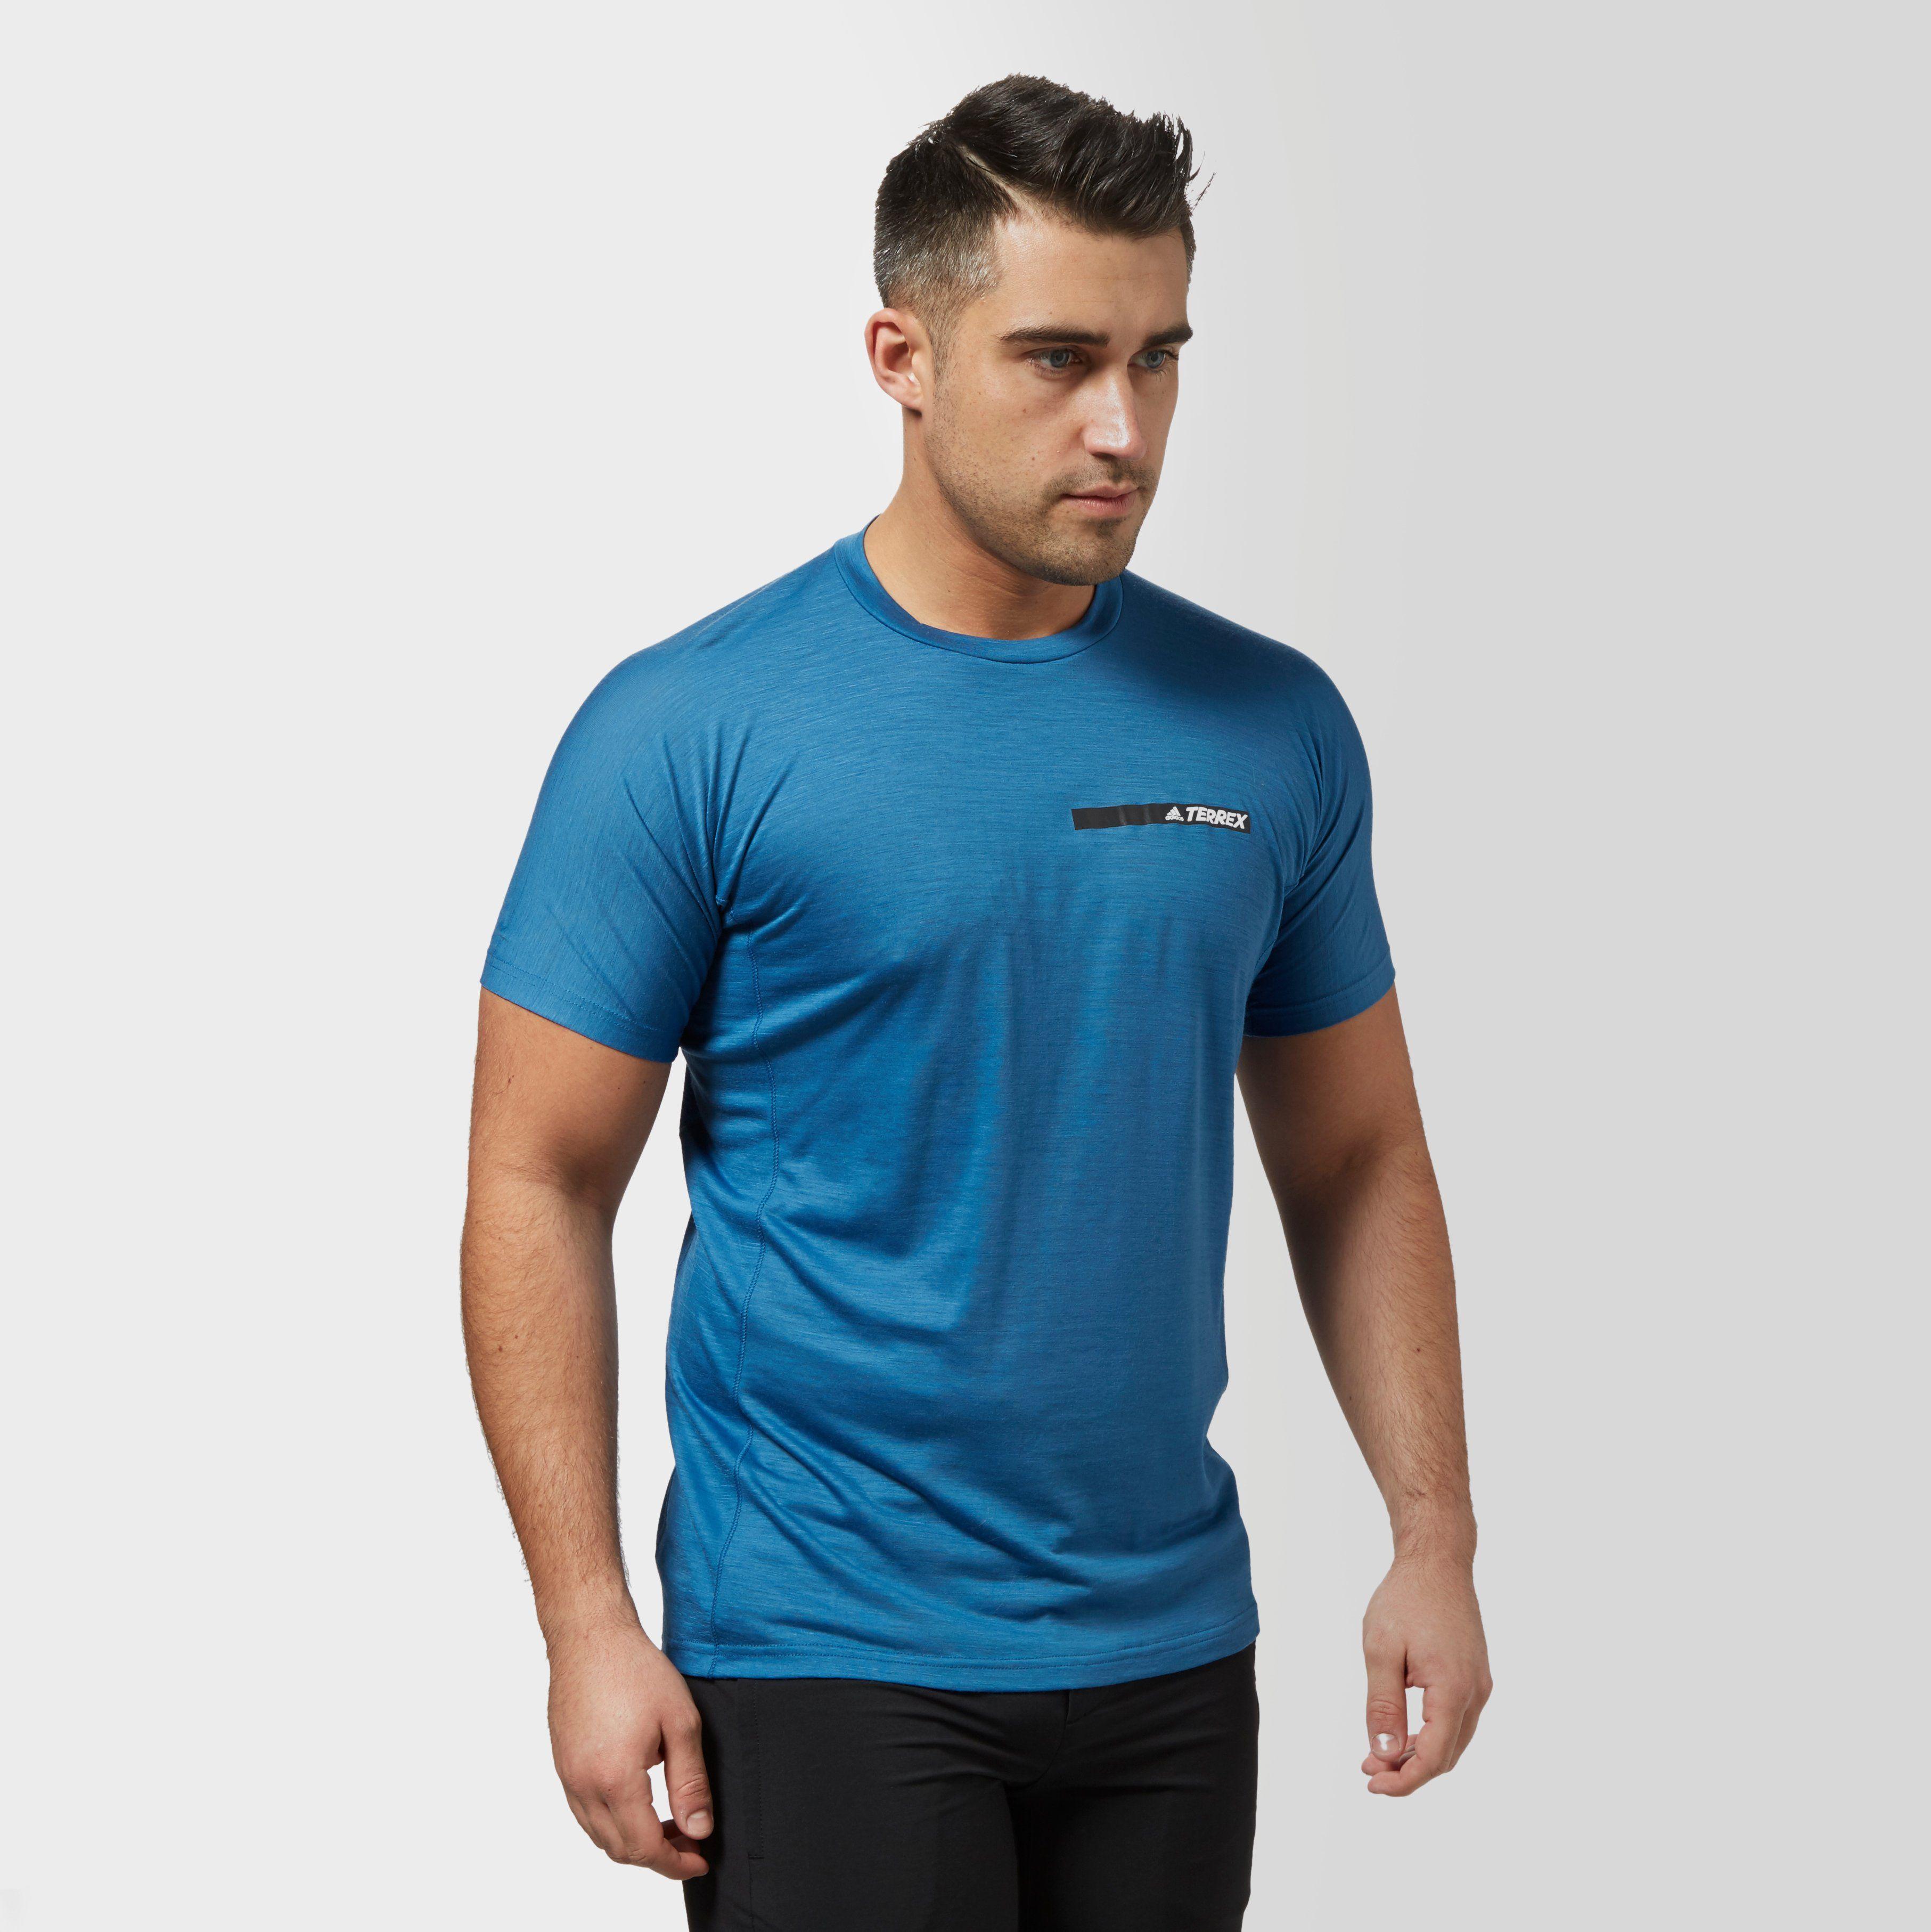 ADIDAS Men's Agravic Terrex T-Shirt